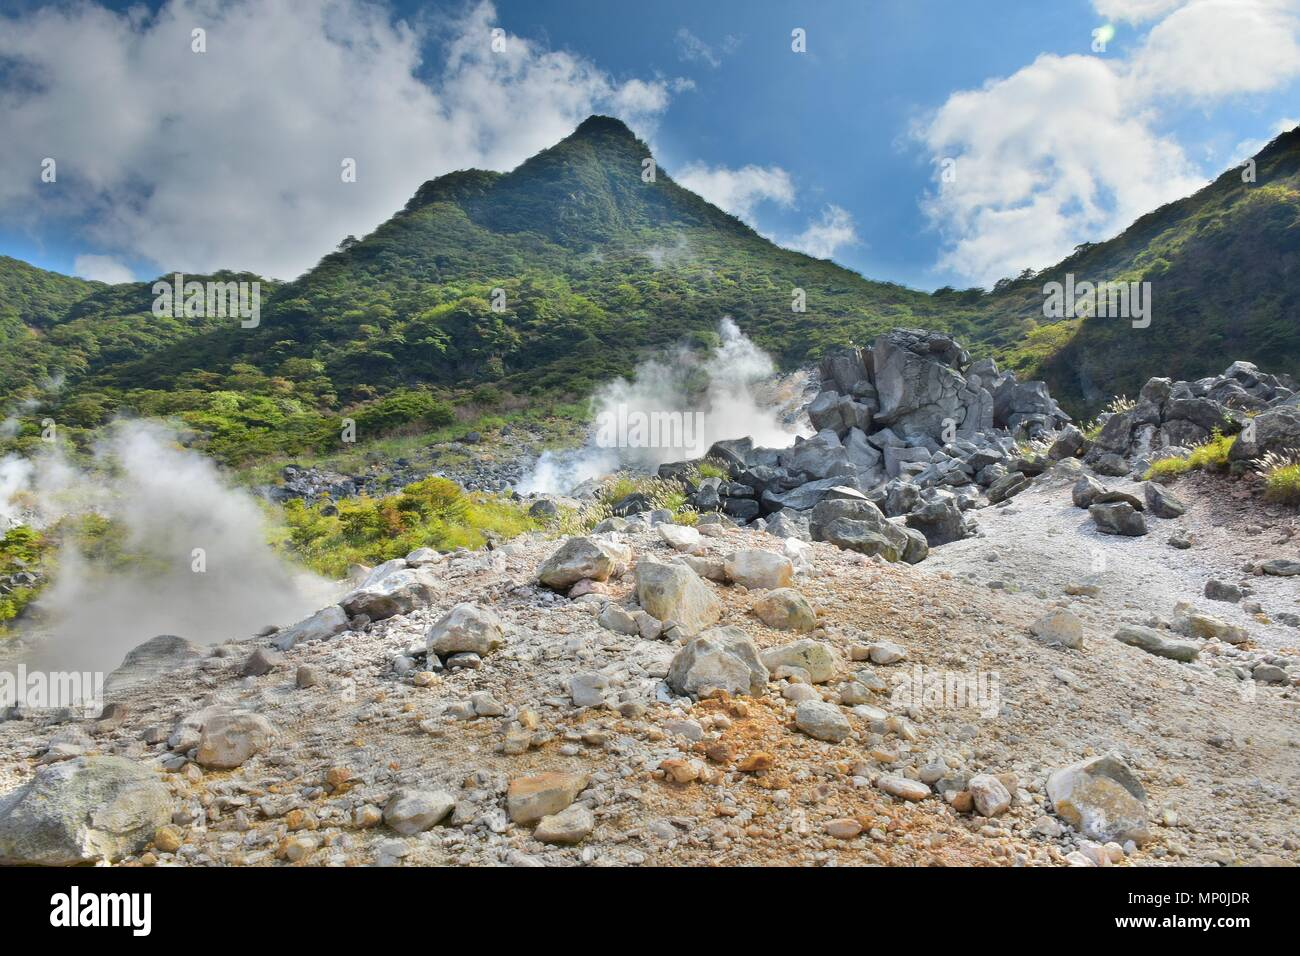 Hot spring vents at Owakudani valley at Hakone in Japan - Stock Image